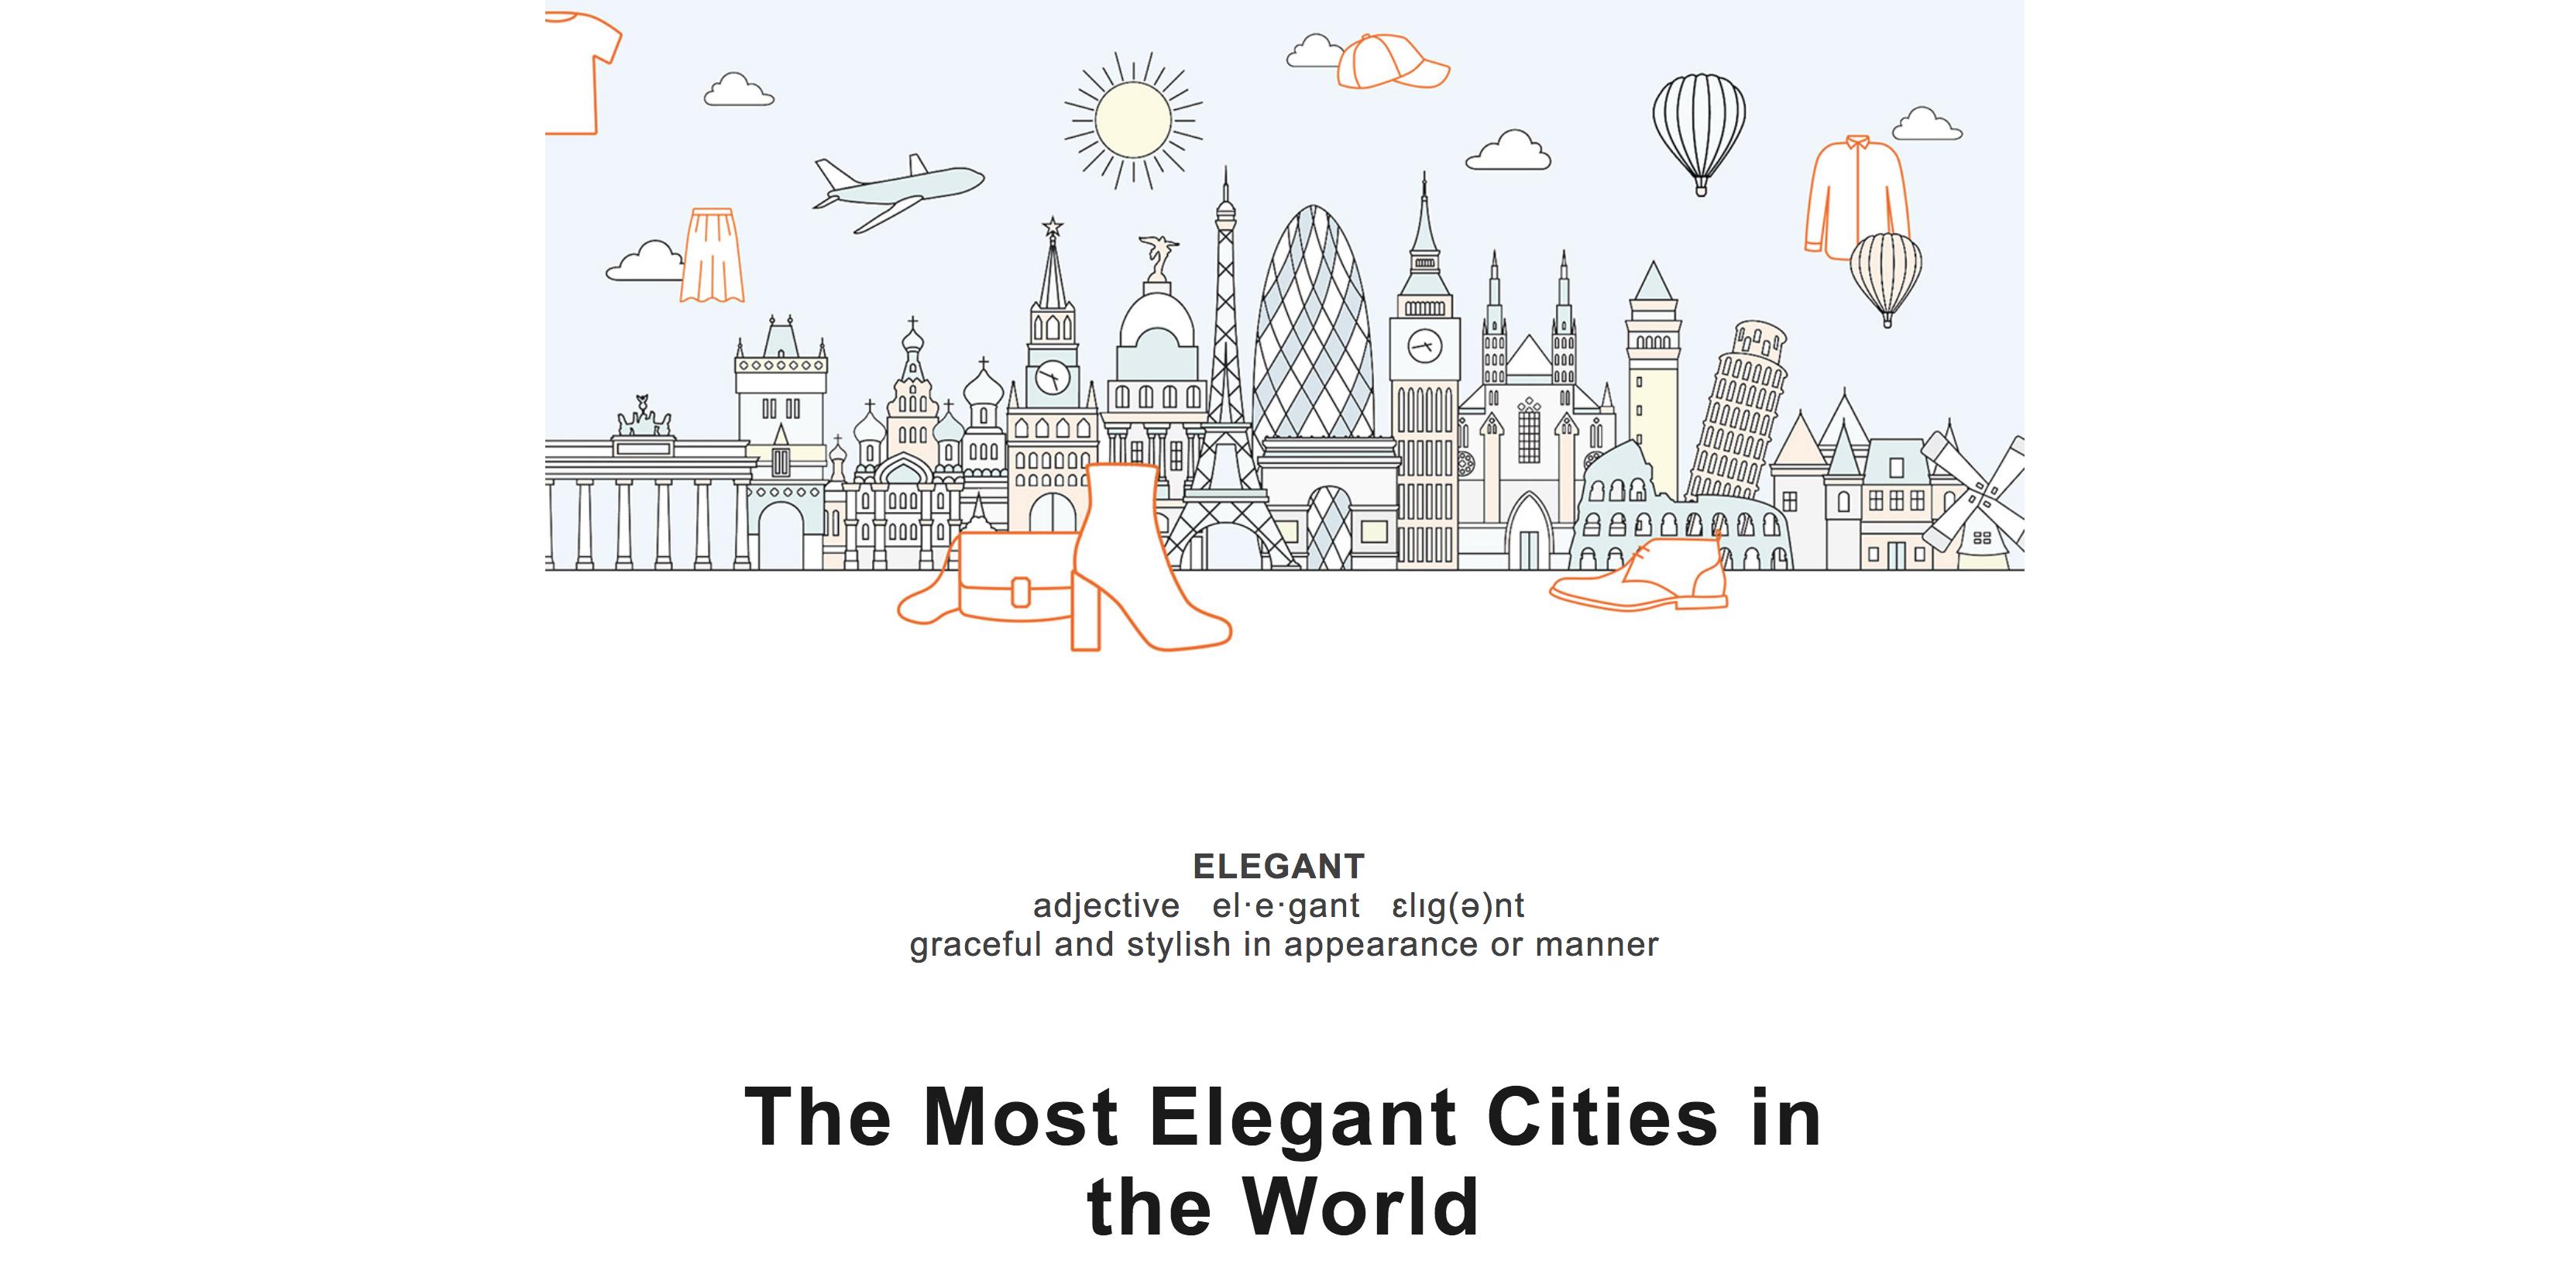 Ejemplo de las ciudades más elegantes de Zalando